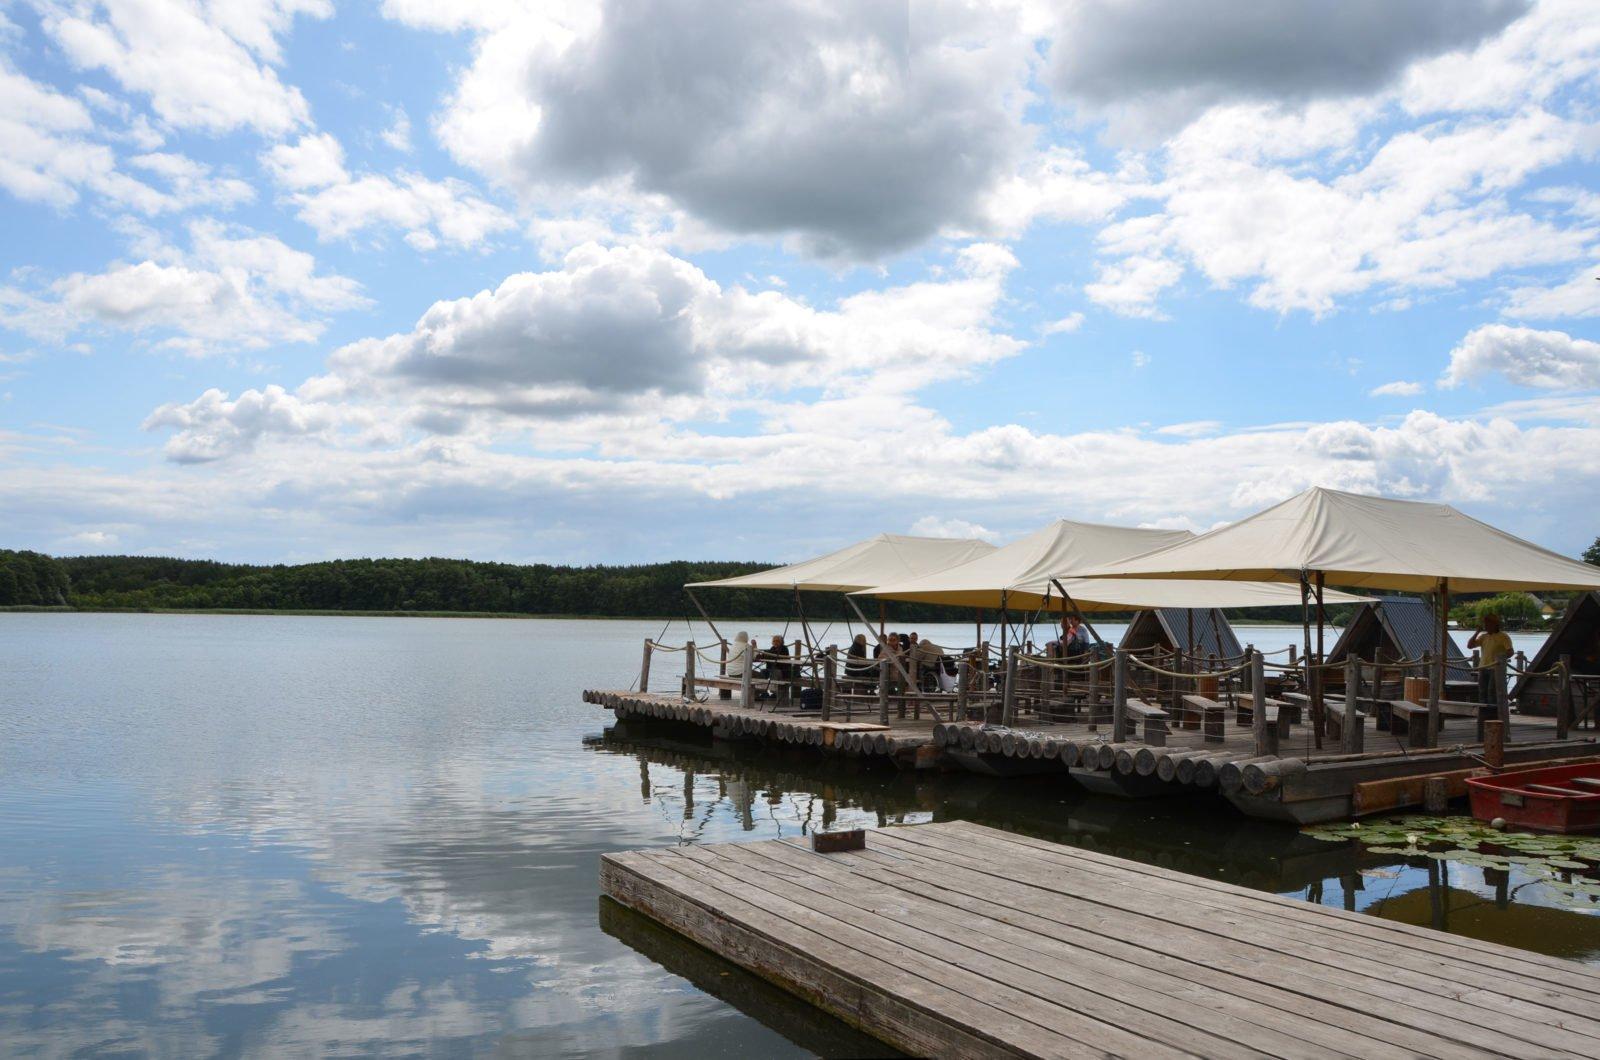 Vorne rechts ein hölzerner Steg. Dahintrer drei aneinandergebundene Flöße aus Holz mit Zeltdächern. Im Hintergrund grüner Wald, oben blauer Himmel mit vielen großen Wolken, die sich im Wasser des Sees spiegeln.